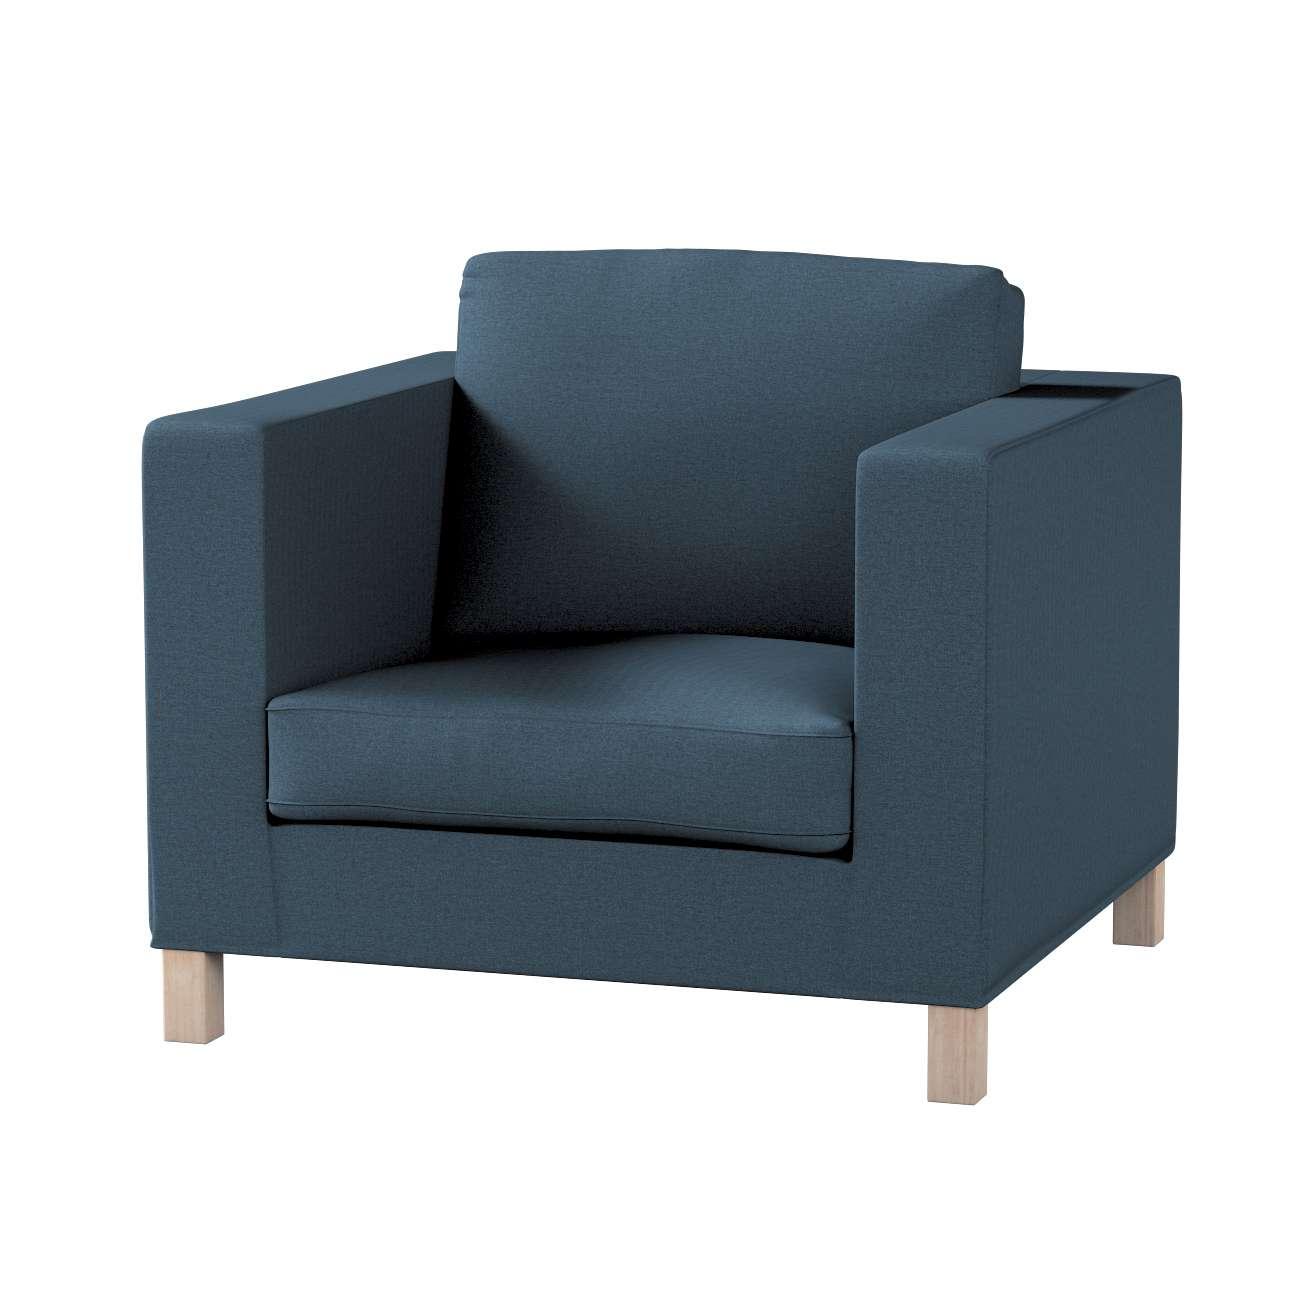 Karlanda päällinen nojatuoli, lyhyt mallistosta Etna - ei verhoihin, Kangas: 705-30